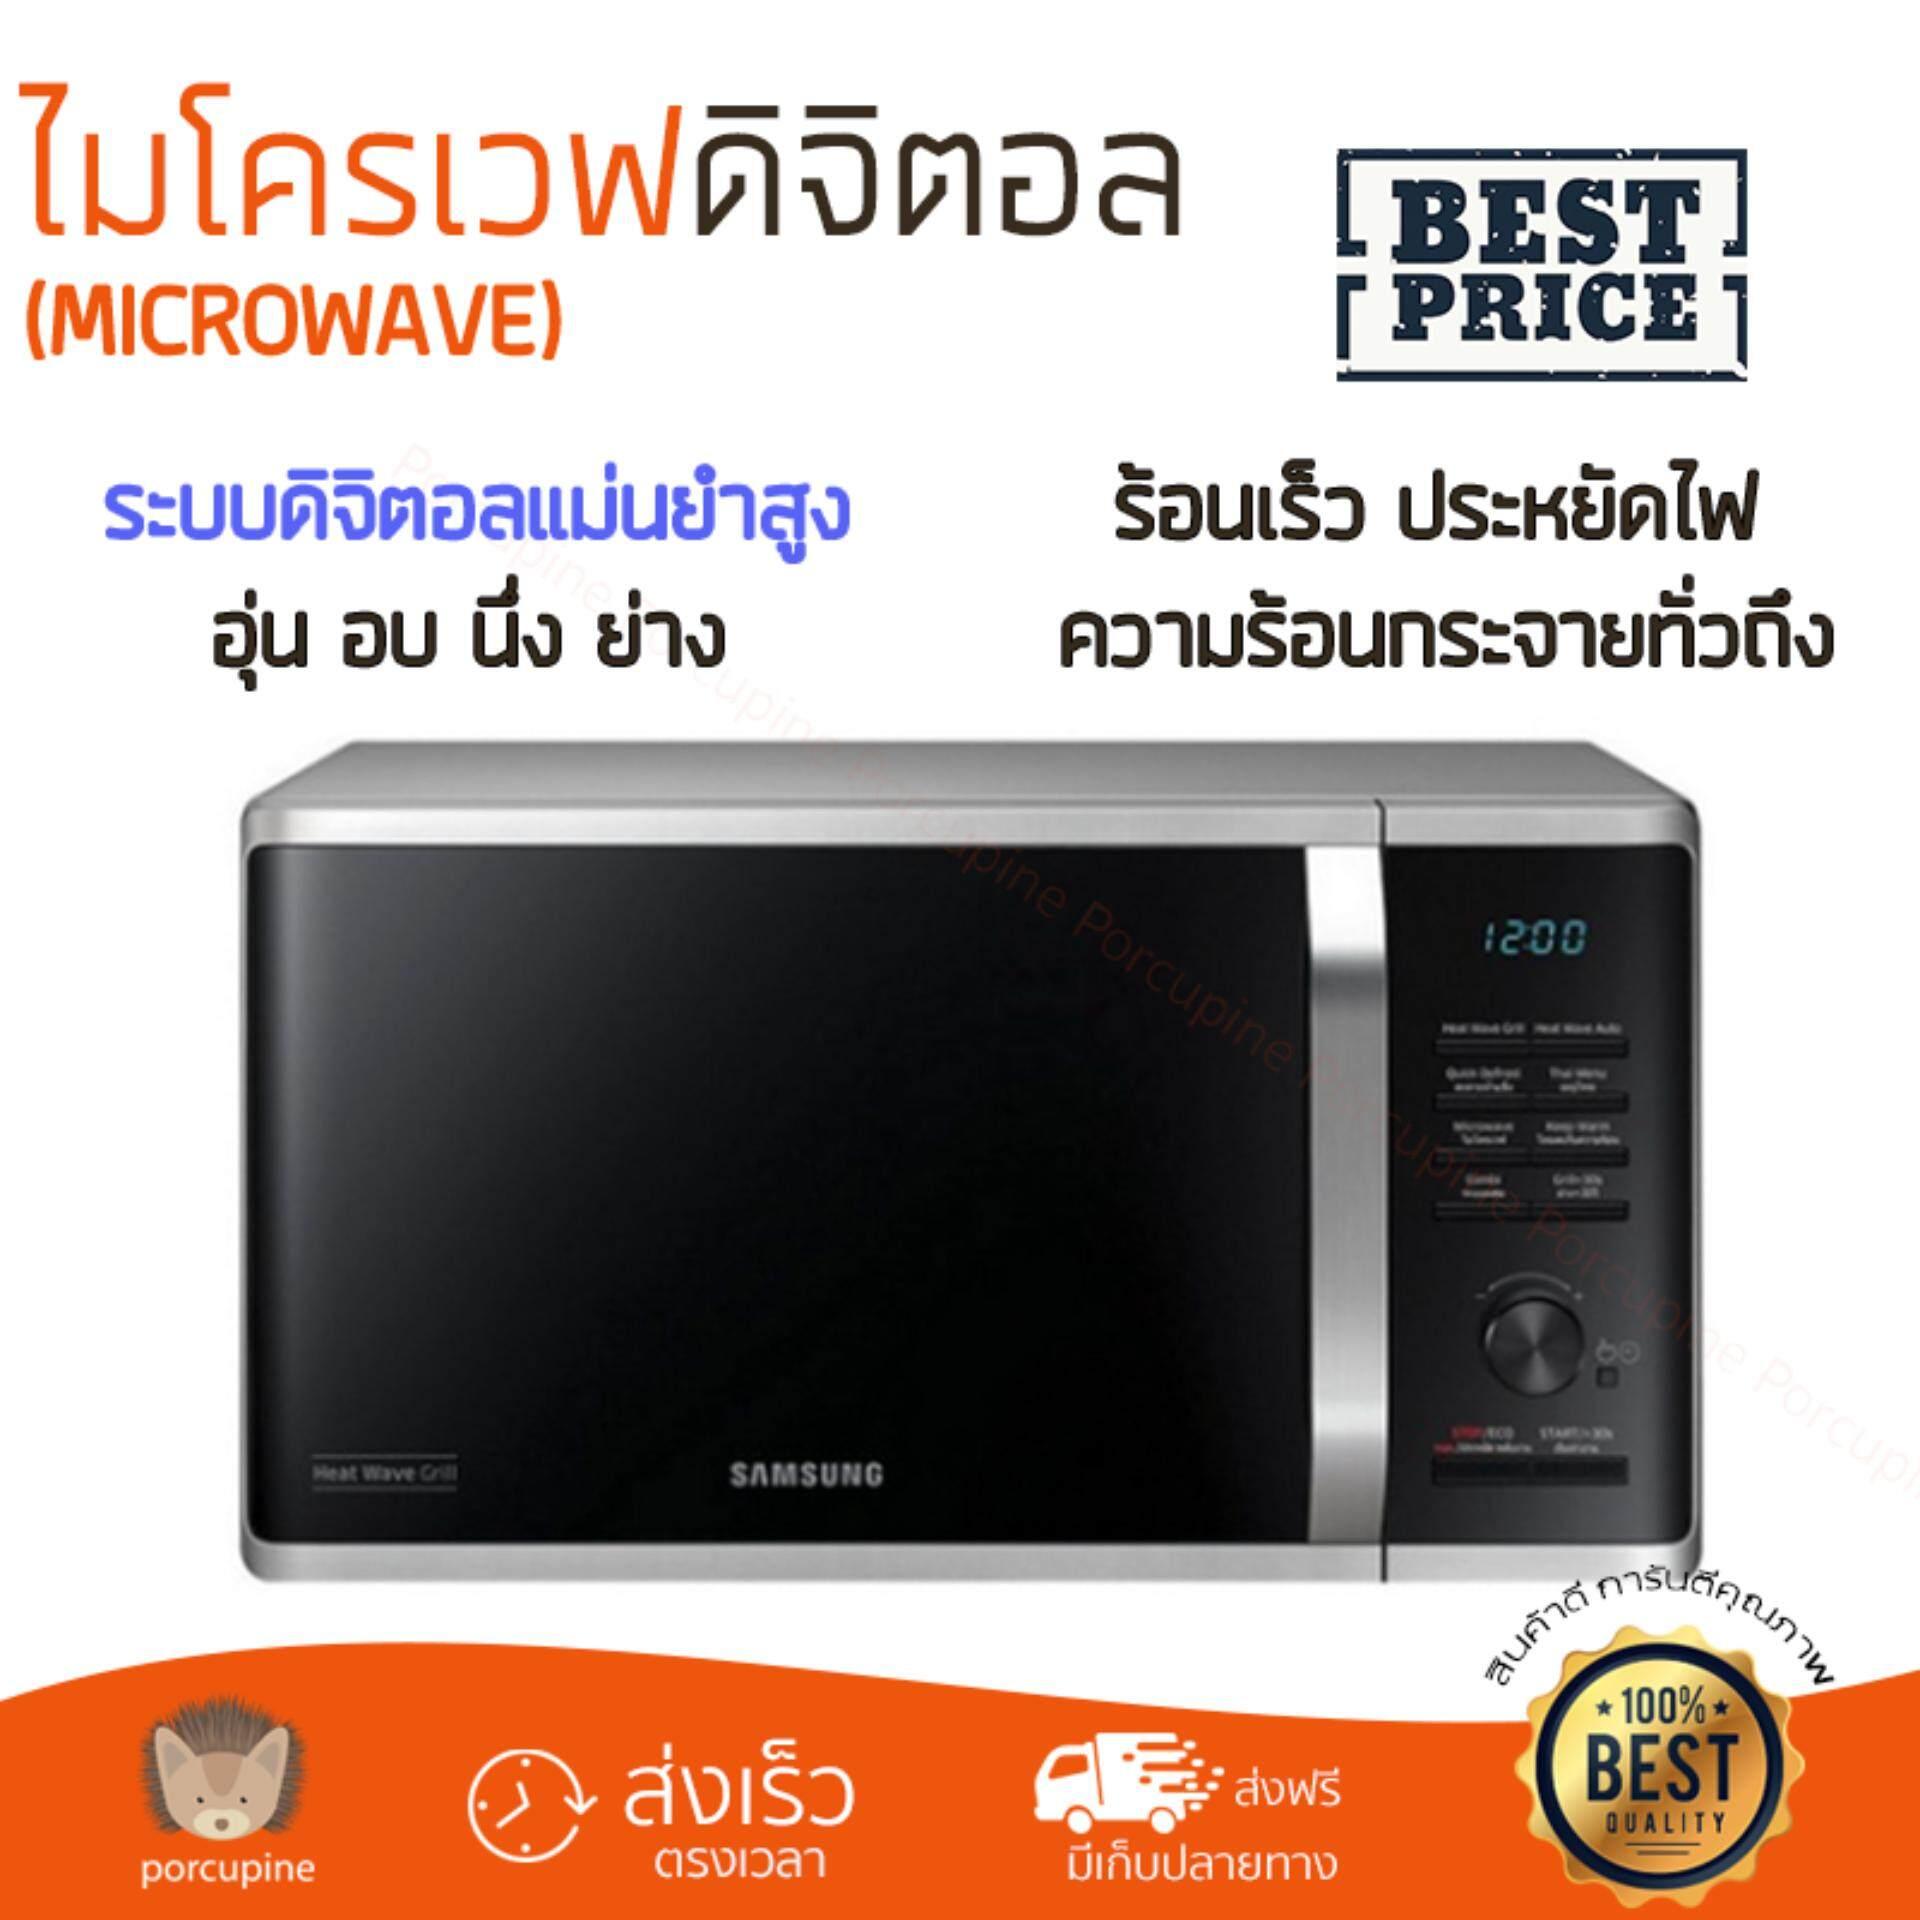 รุ่นใหม่ล่าสุด ไมโครเวฟ เตาอบไมโครเวฟ ไมโครเวฟ ดิจิตอล SAMSUNG MG23K3575AS/ST 23L | SAMSUNG | MG23K3575AS/ST ปรับระดับความร้อนได้หลายระดับ มีฟังก์ชันละลายน้ำแข็ง ใช้งานง่าย Microwave จัดส่งฟรีทั่วประเทศ